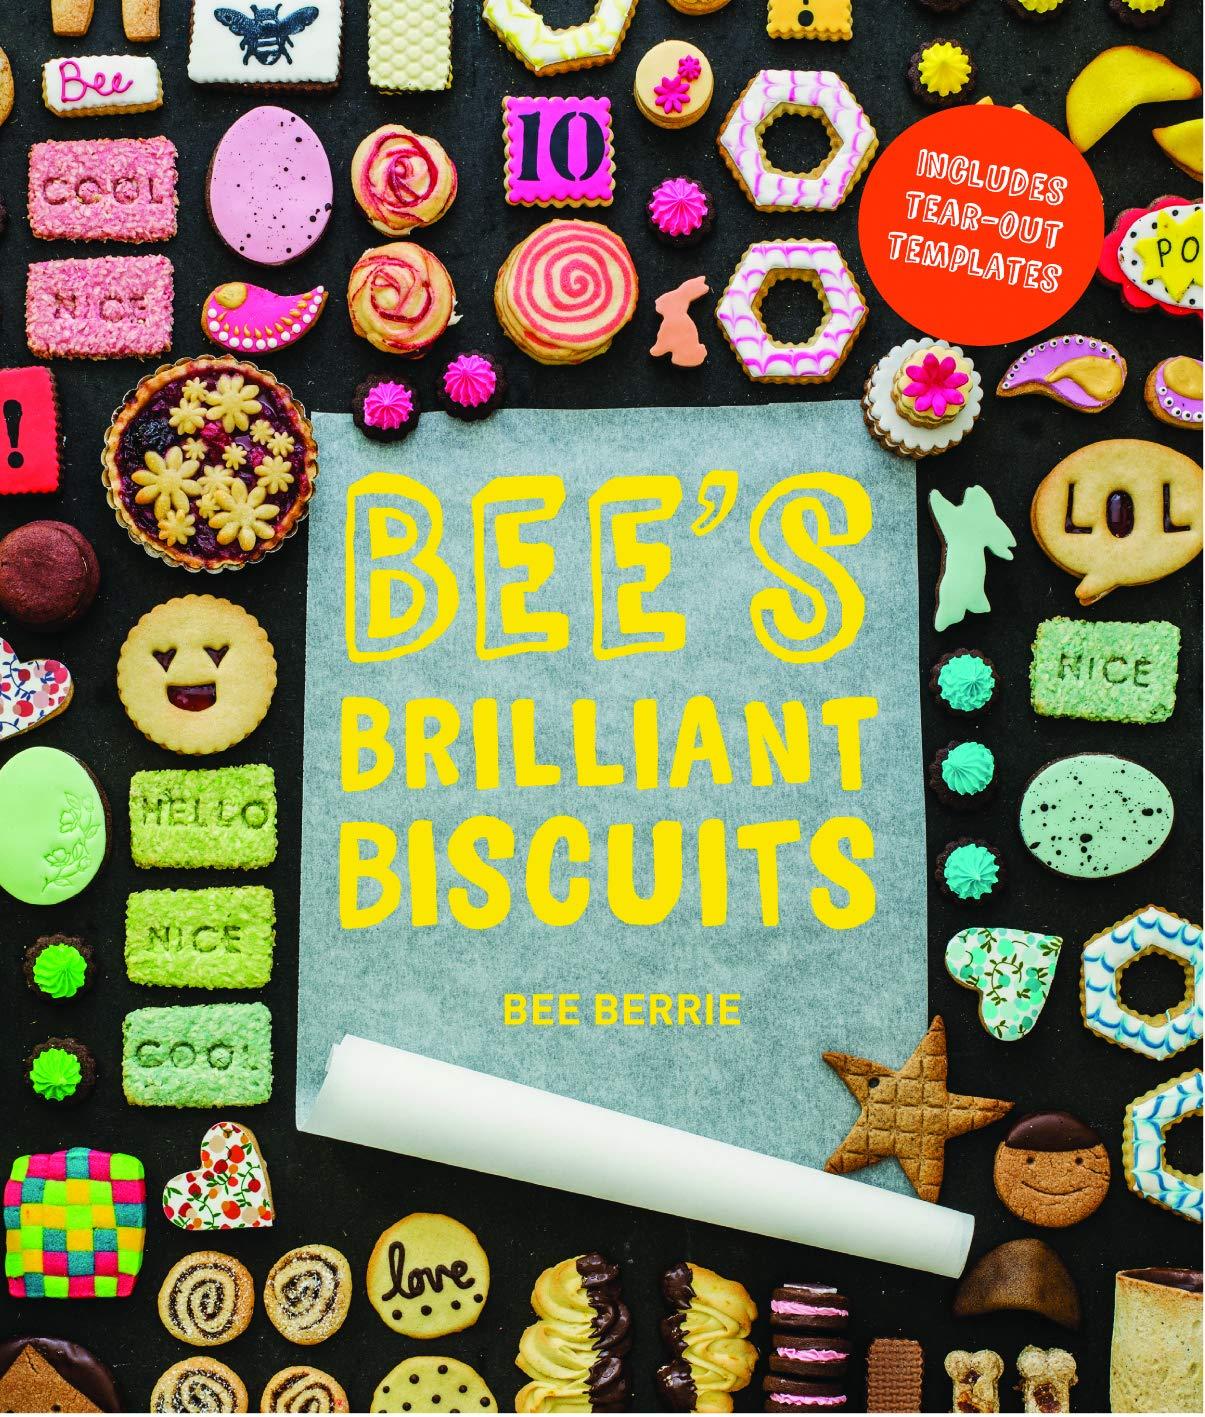 Bee's Brilliant Biscuits: Amazon.co.uk: Berrie, Bee: 9781910496466: Books